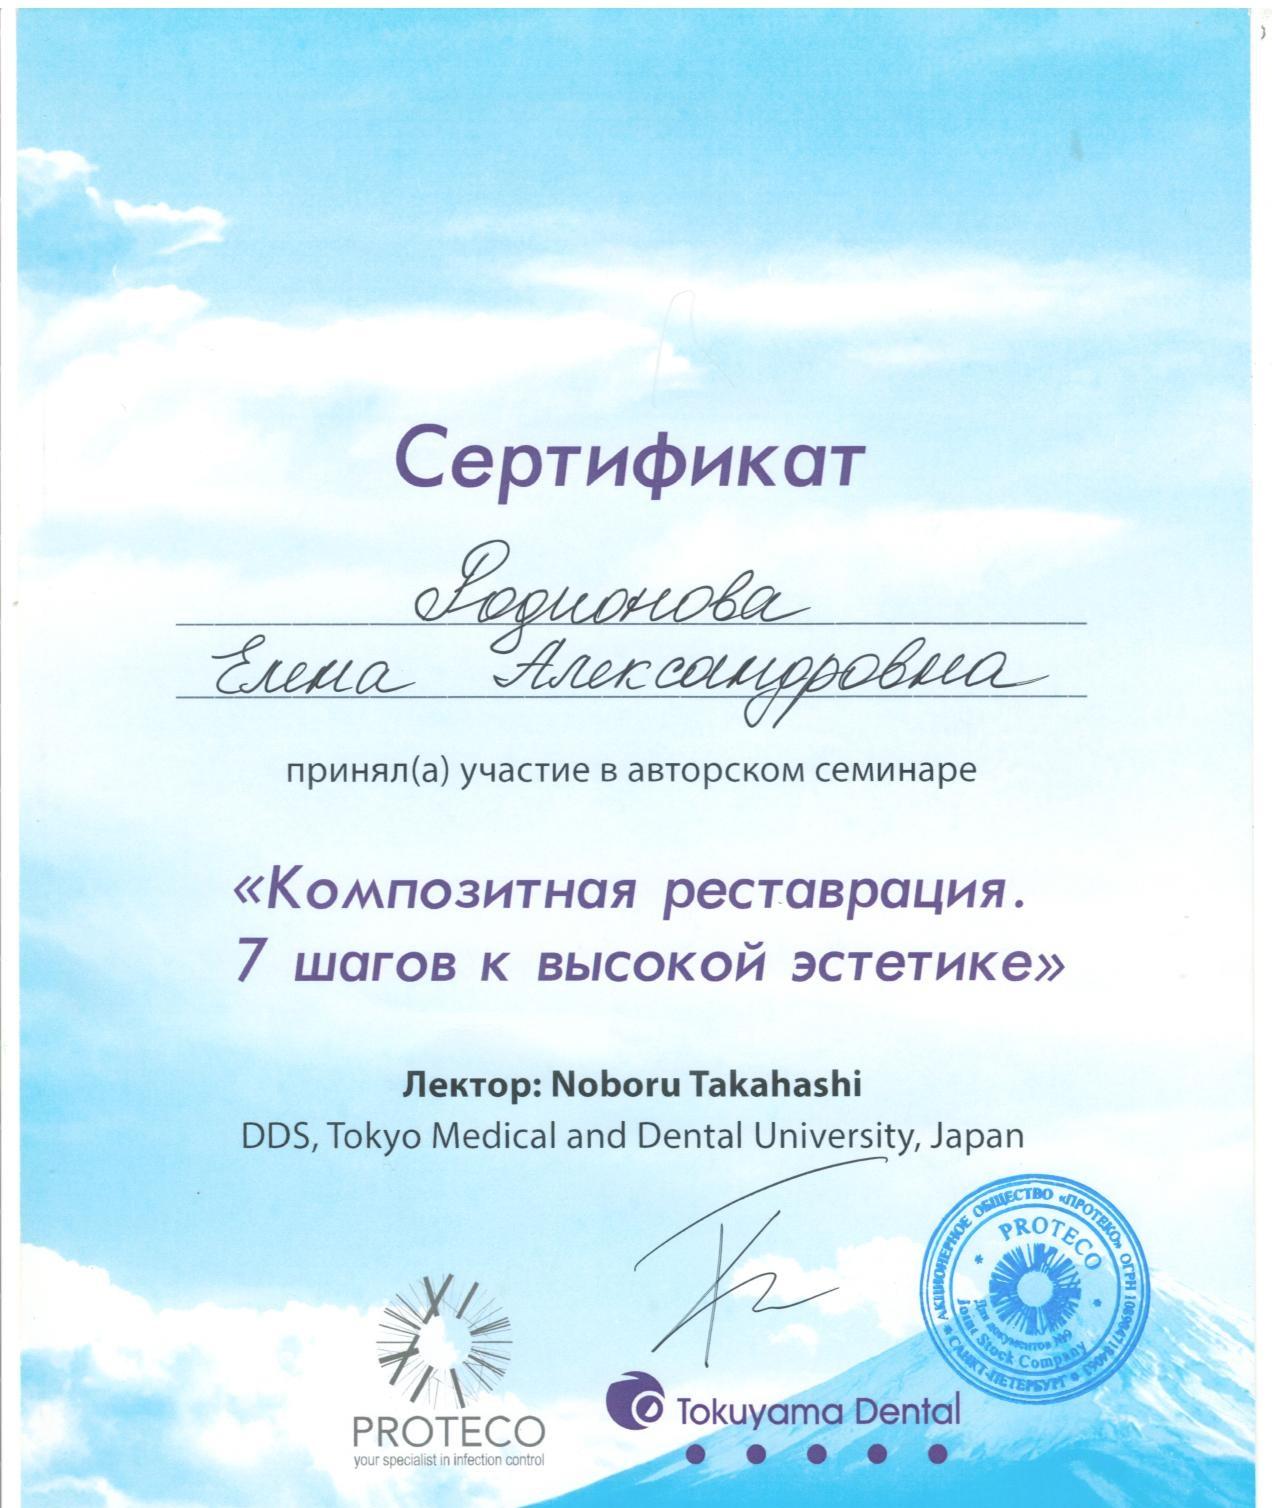 сертификат стоматолога повышение квалификации Родионова